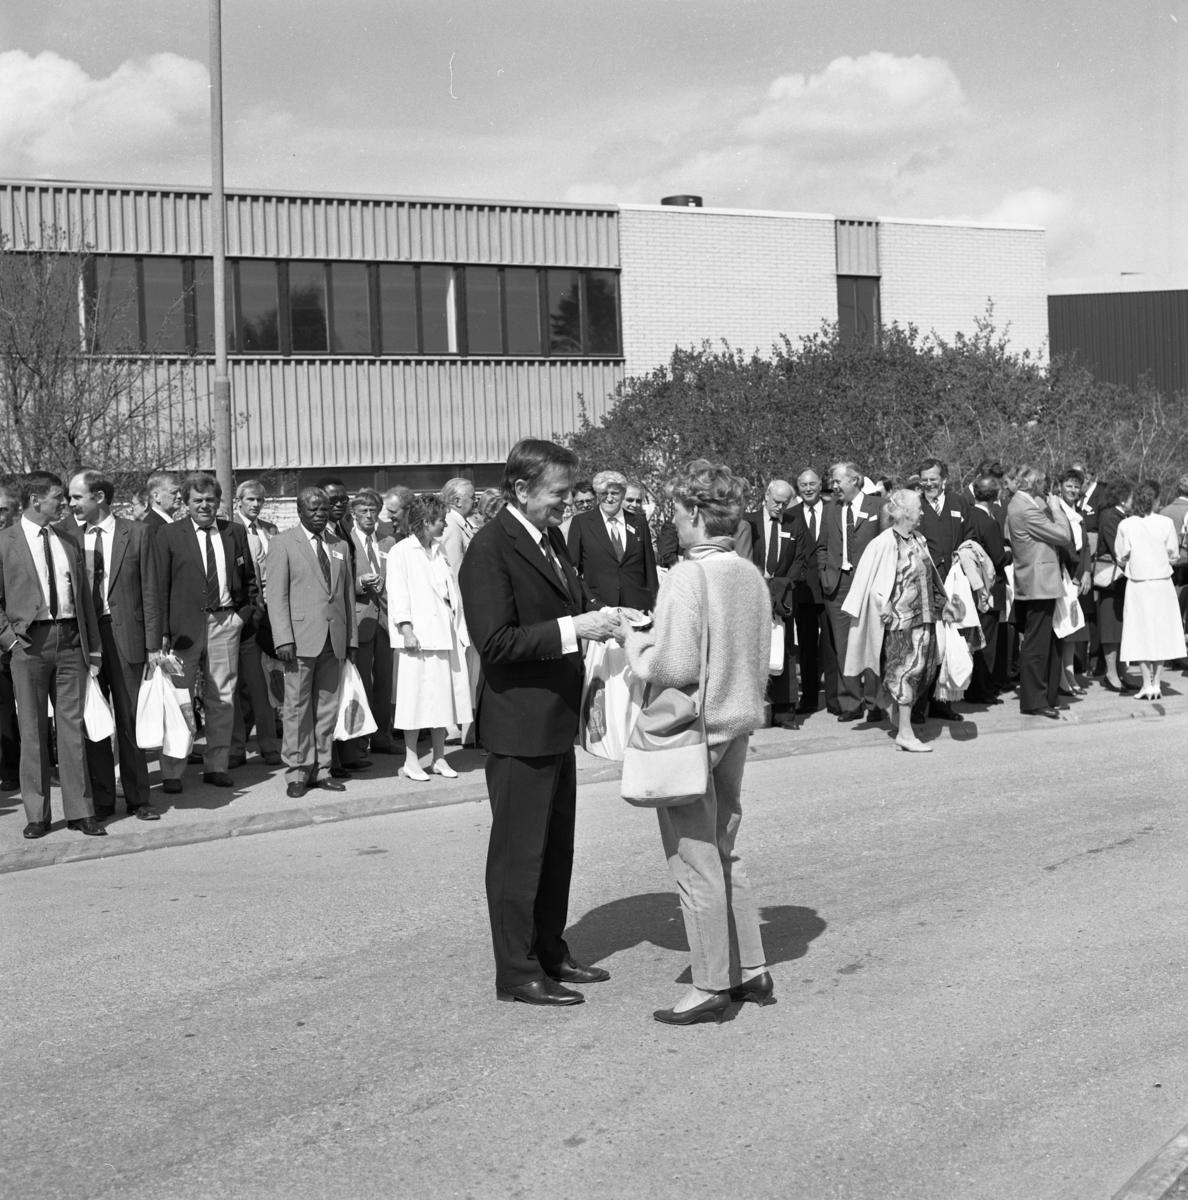 Statsminister Olof Palme. Riksdagsjubileet 1985. Höga politiker gästar Arboga för att delta i 550-årsminnet av Sveriges första riksdag. Här har besökarna ätit lunch.